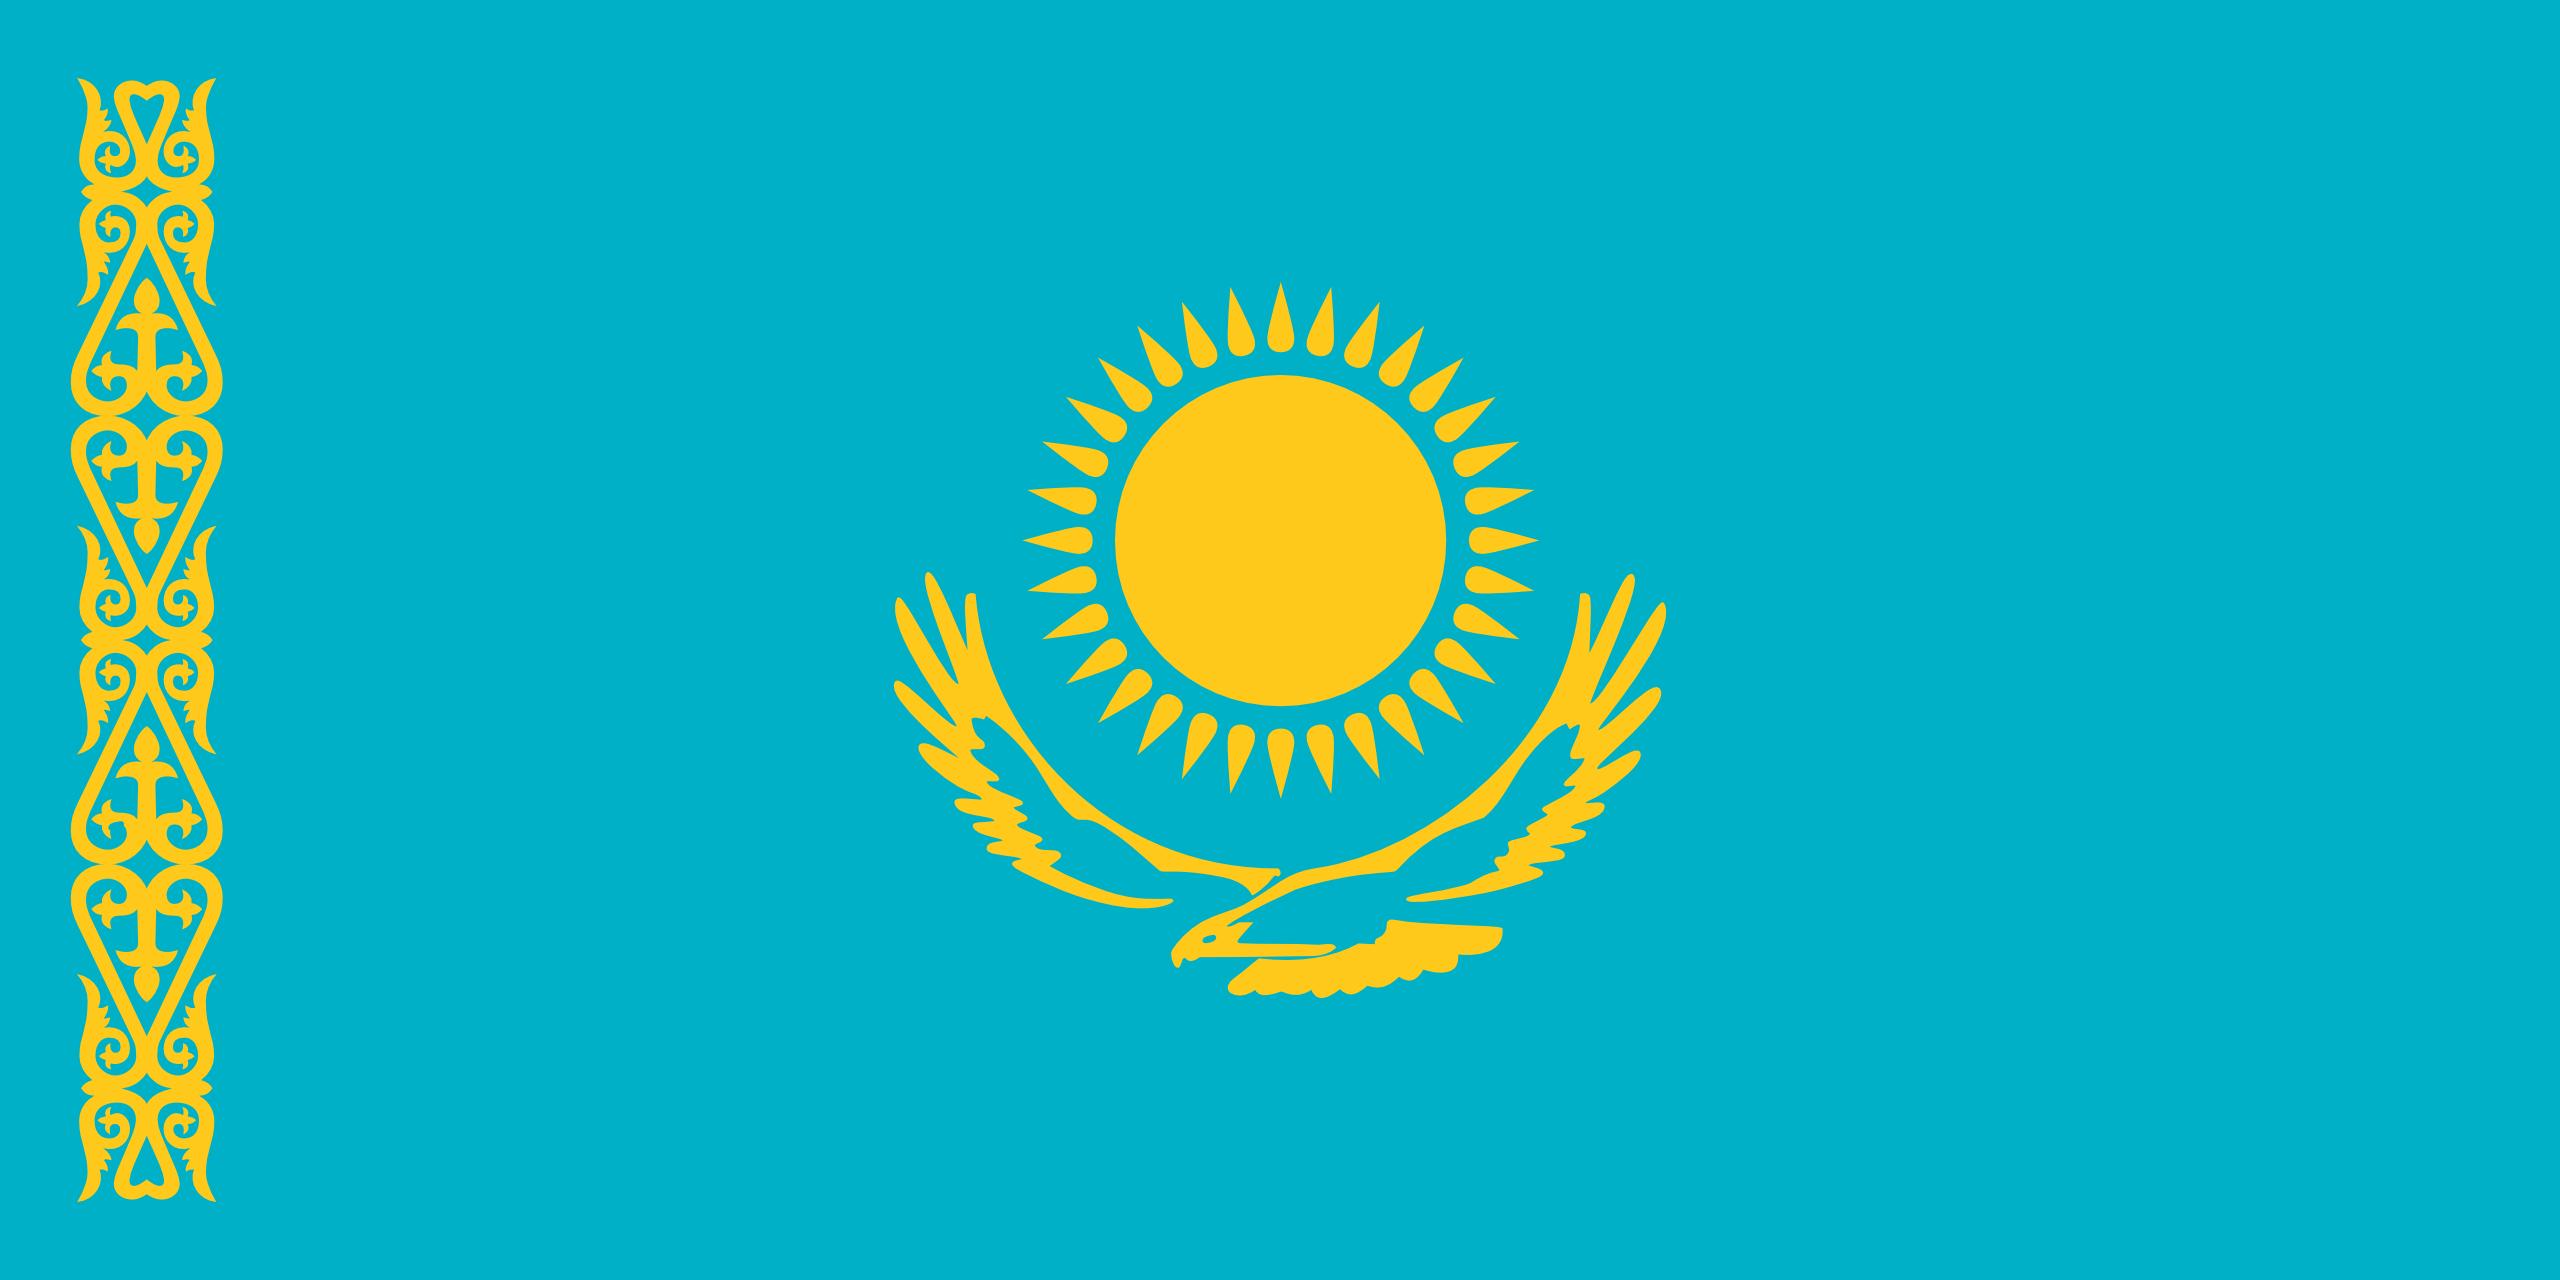 Kazakhstan : débuts souhaités au Junior 2018 et au Senior 2019 (Mise à jour : déclaration officielle de l'UER)